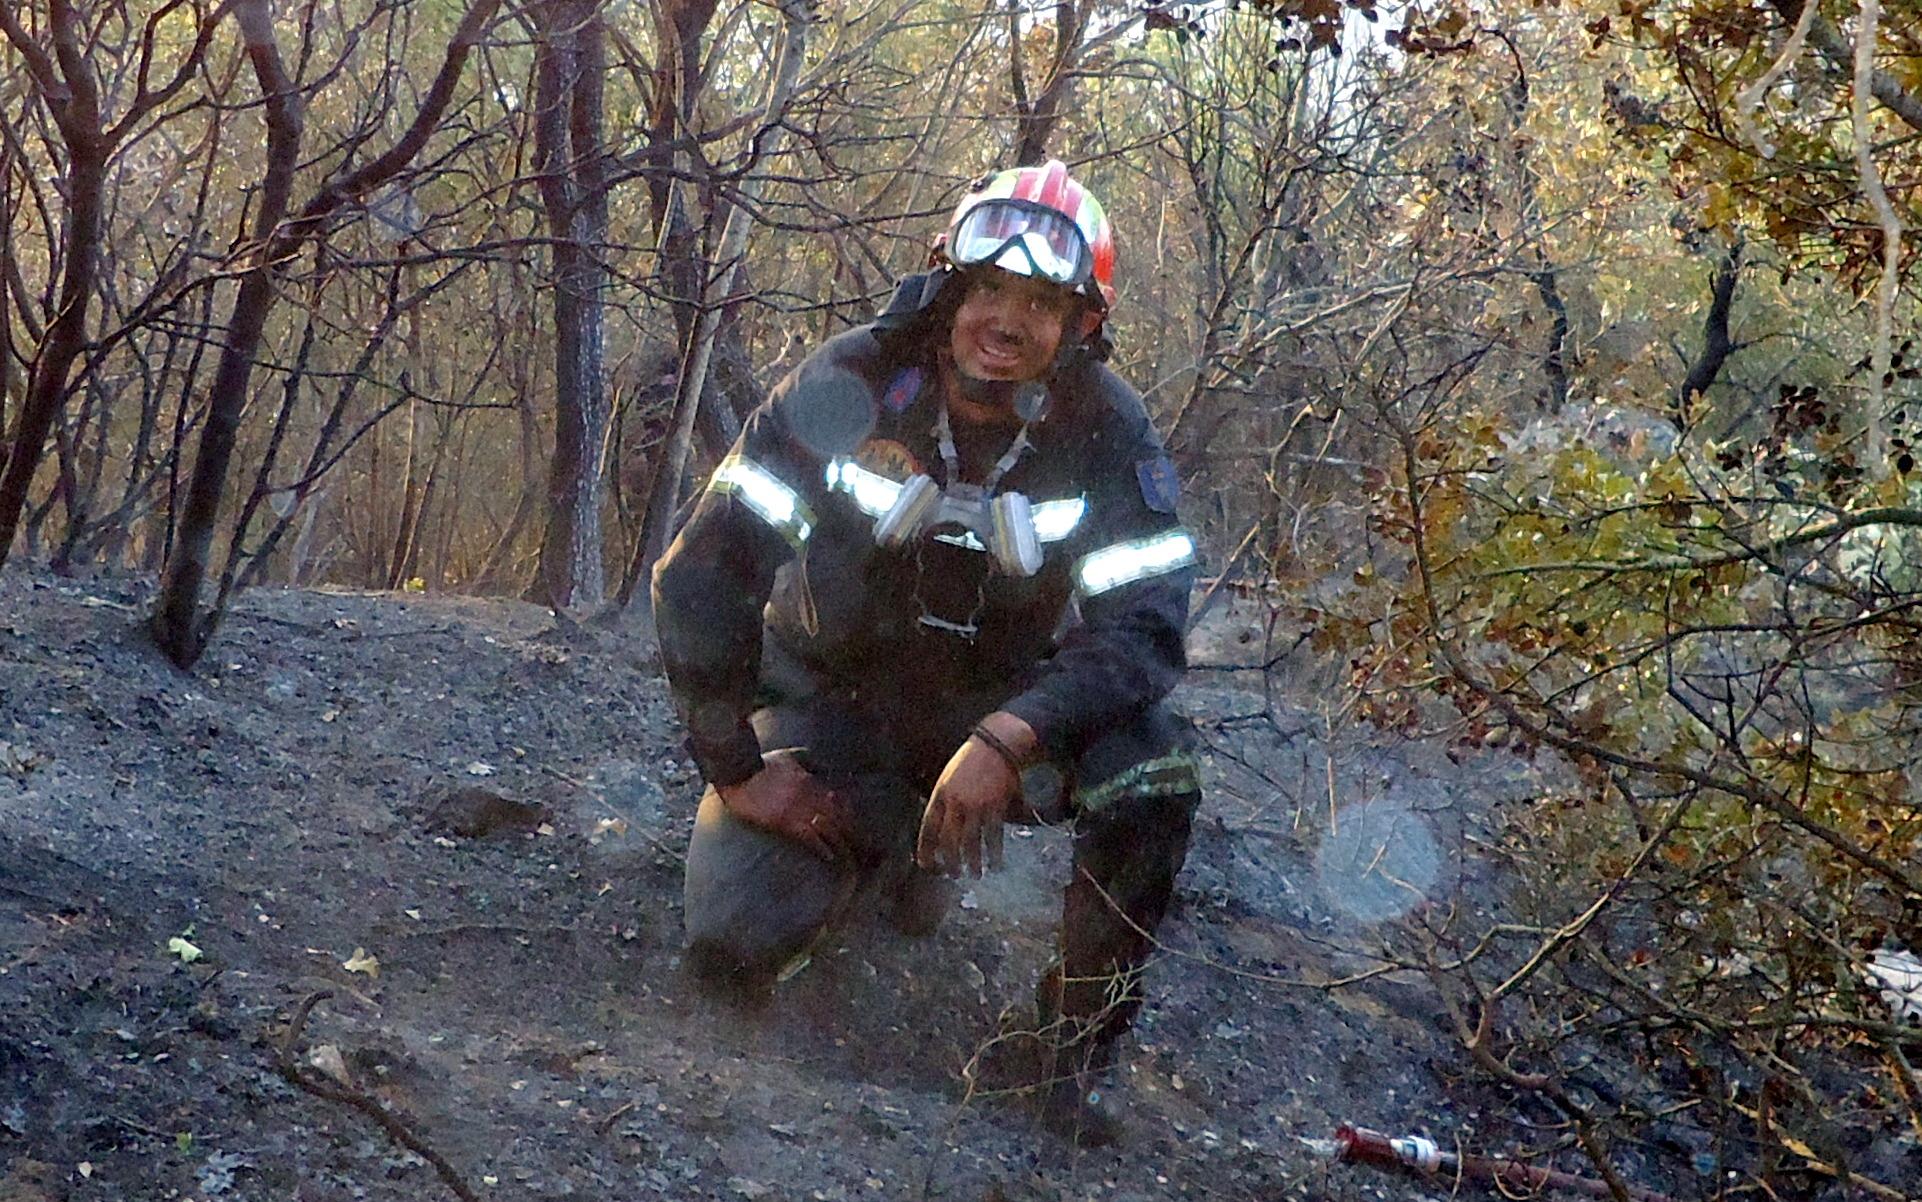 Εμείς οι Πυροσβέστες και η μάχη με τις δασικές πυρκαγιές.